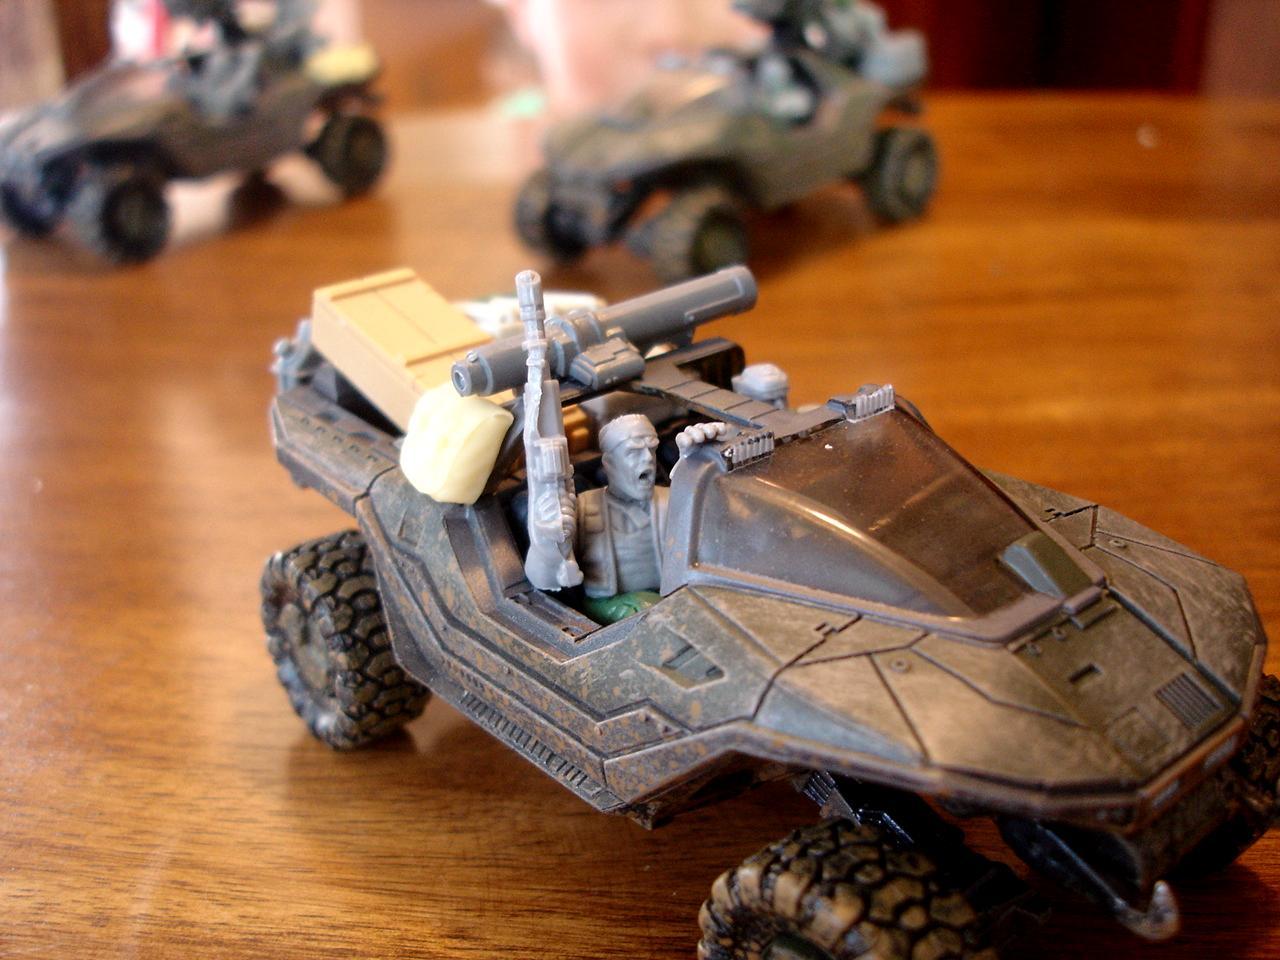 Catachan, Halo, Imperial Guard, Jeep, Land Runner, Warhammer 40,000, Warhammer Fantasy, Warthog